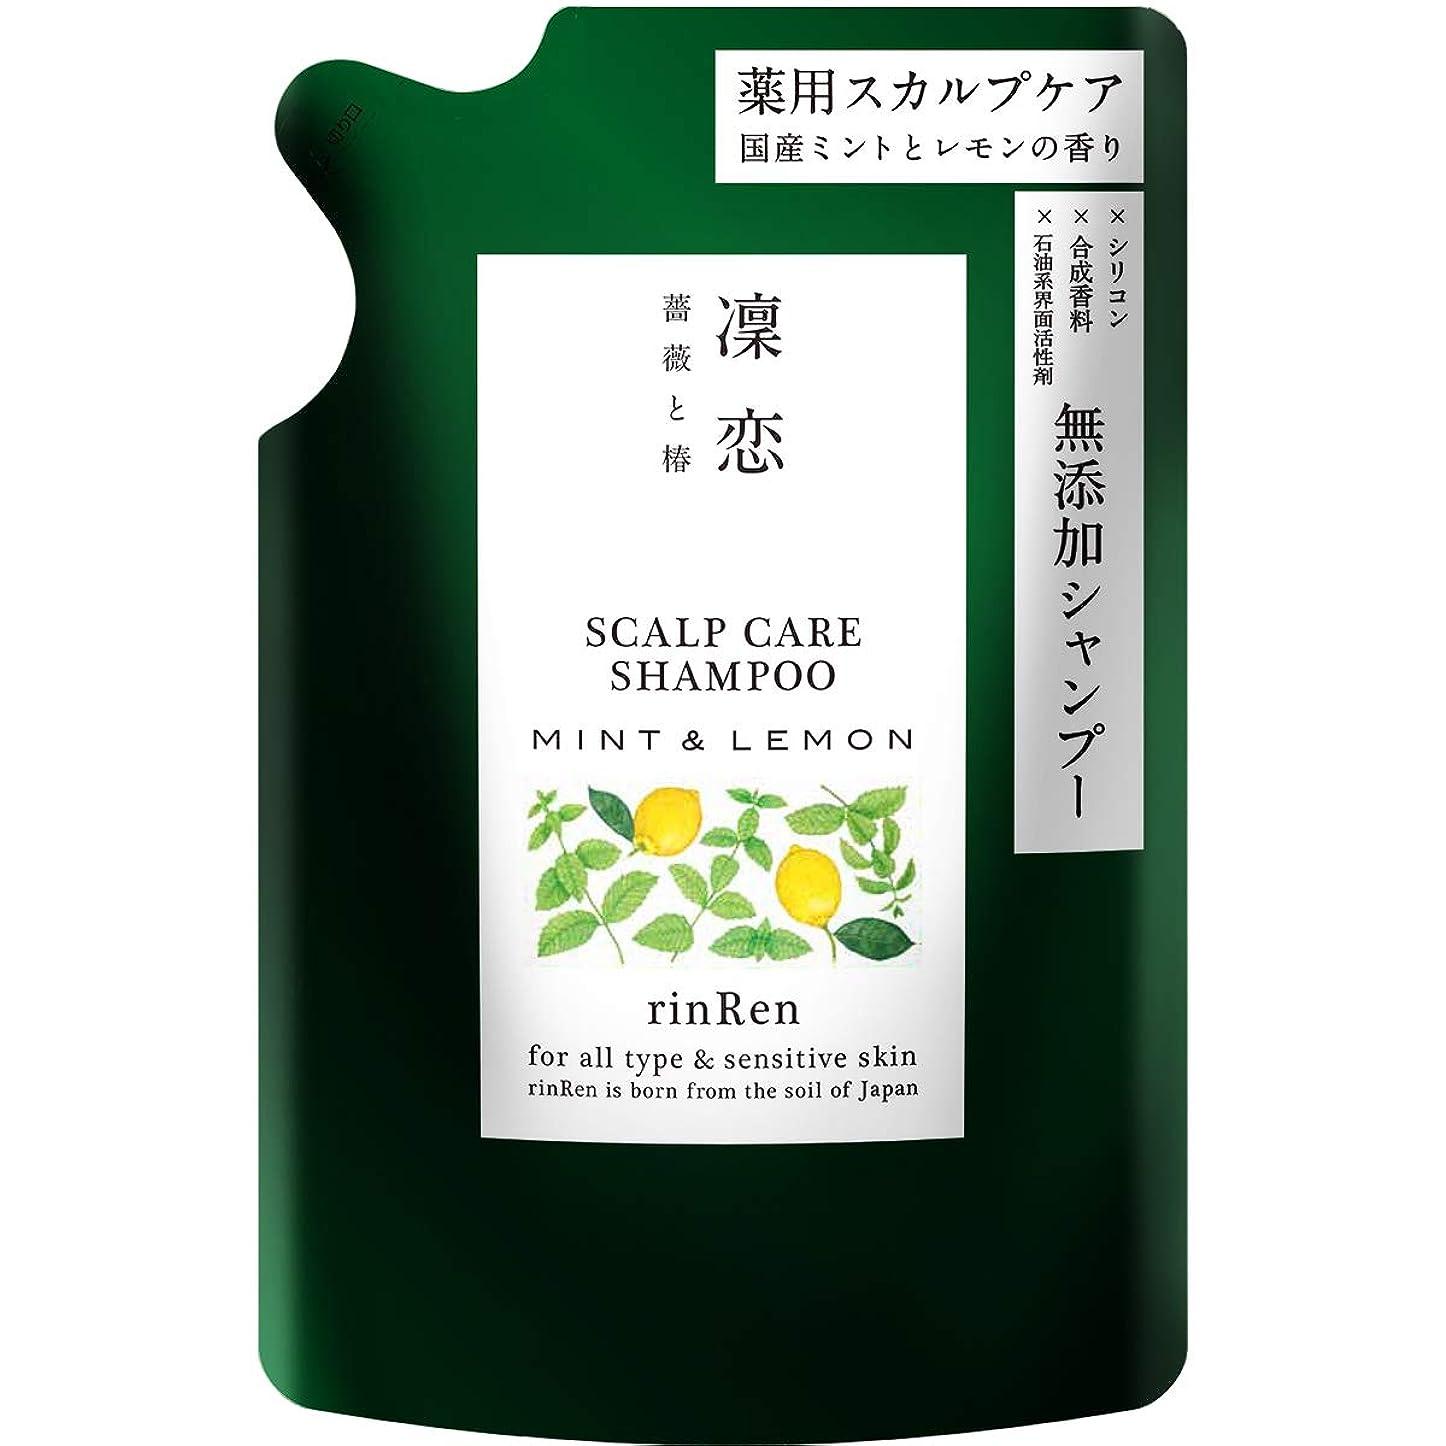 リンレン レメディアル シャンプー ミント&レモン 詰め替え 300ml 【医薬部外品】